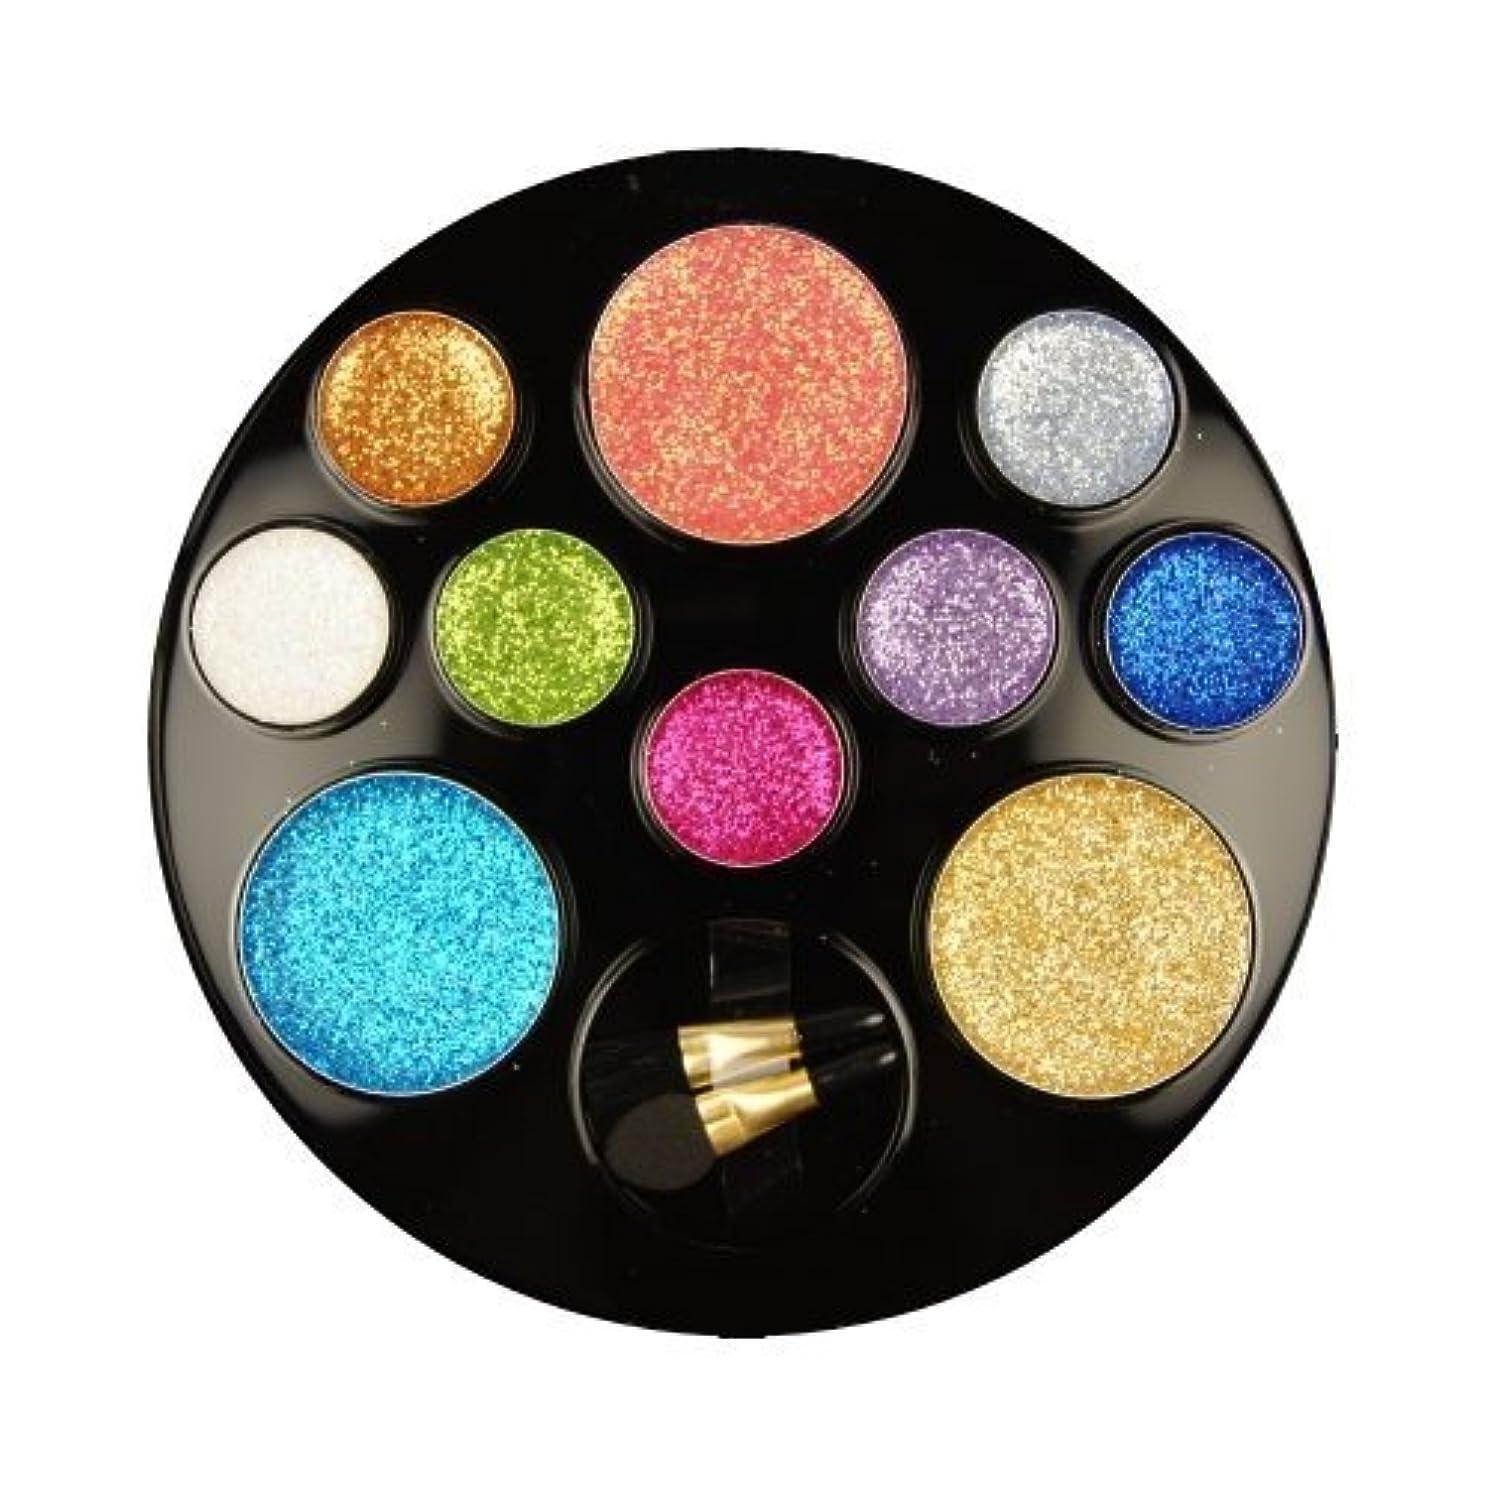 社会主義者大陸してはいけないBEAUTY TREATS 10 Color Perfect Glitter Palette Something Special (並行輸入品)